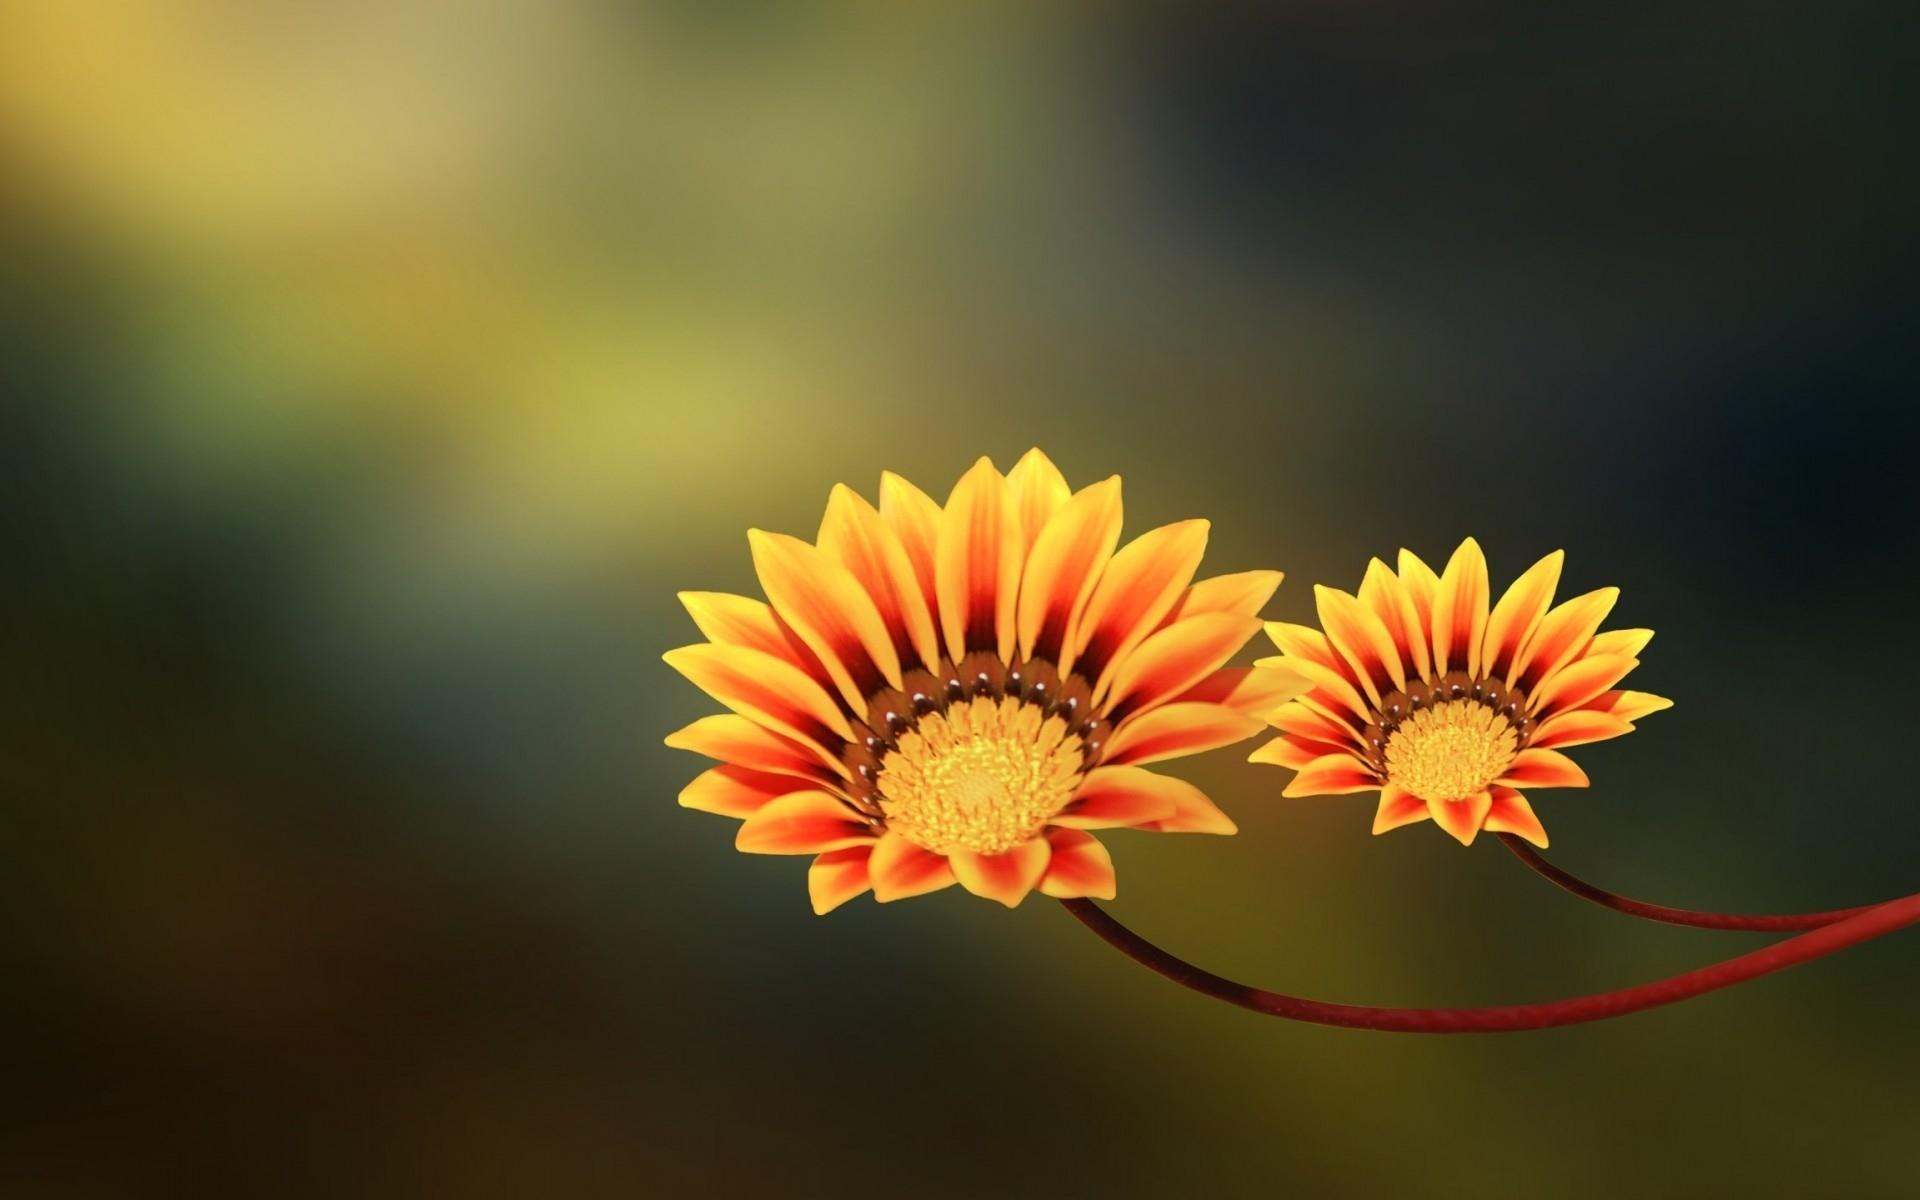 Image for Macro flower wallpaper Pc